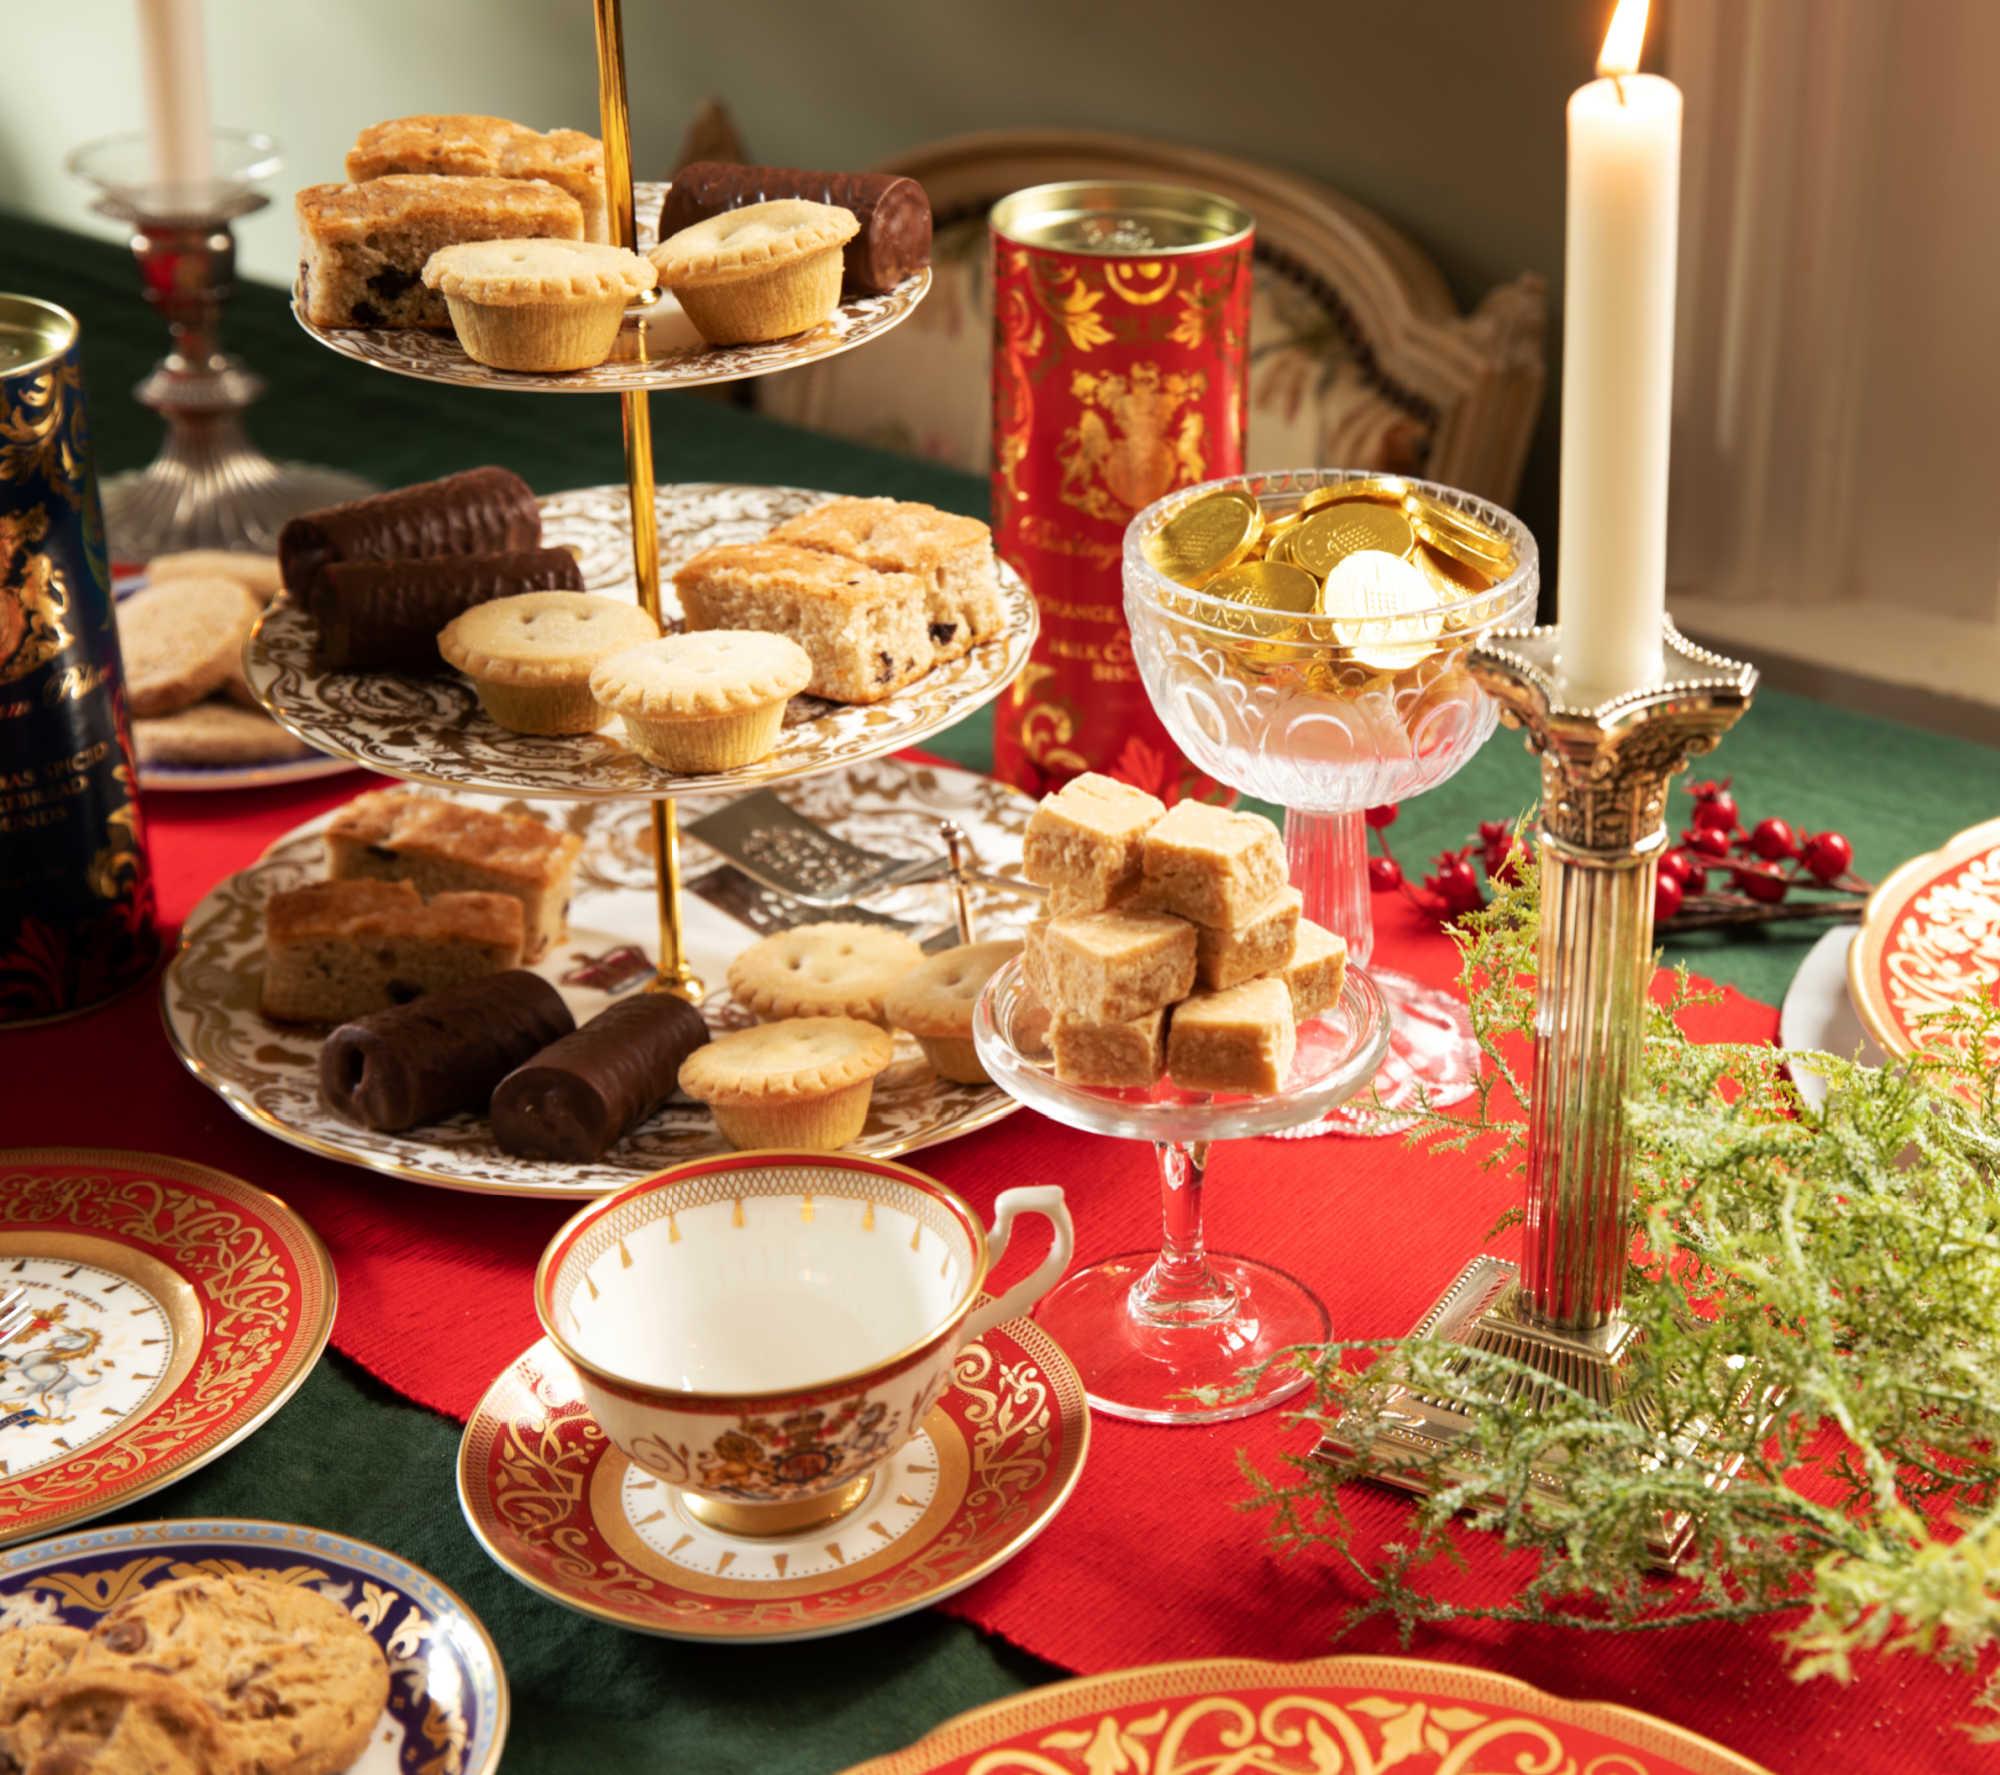 Christmas feast on a festive dining table